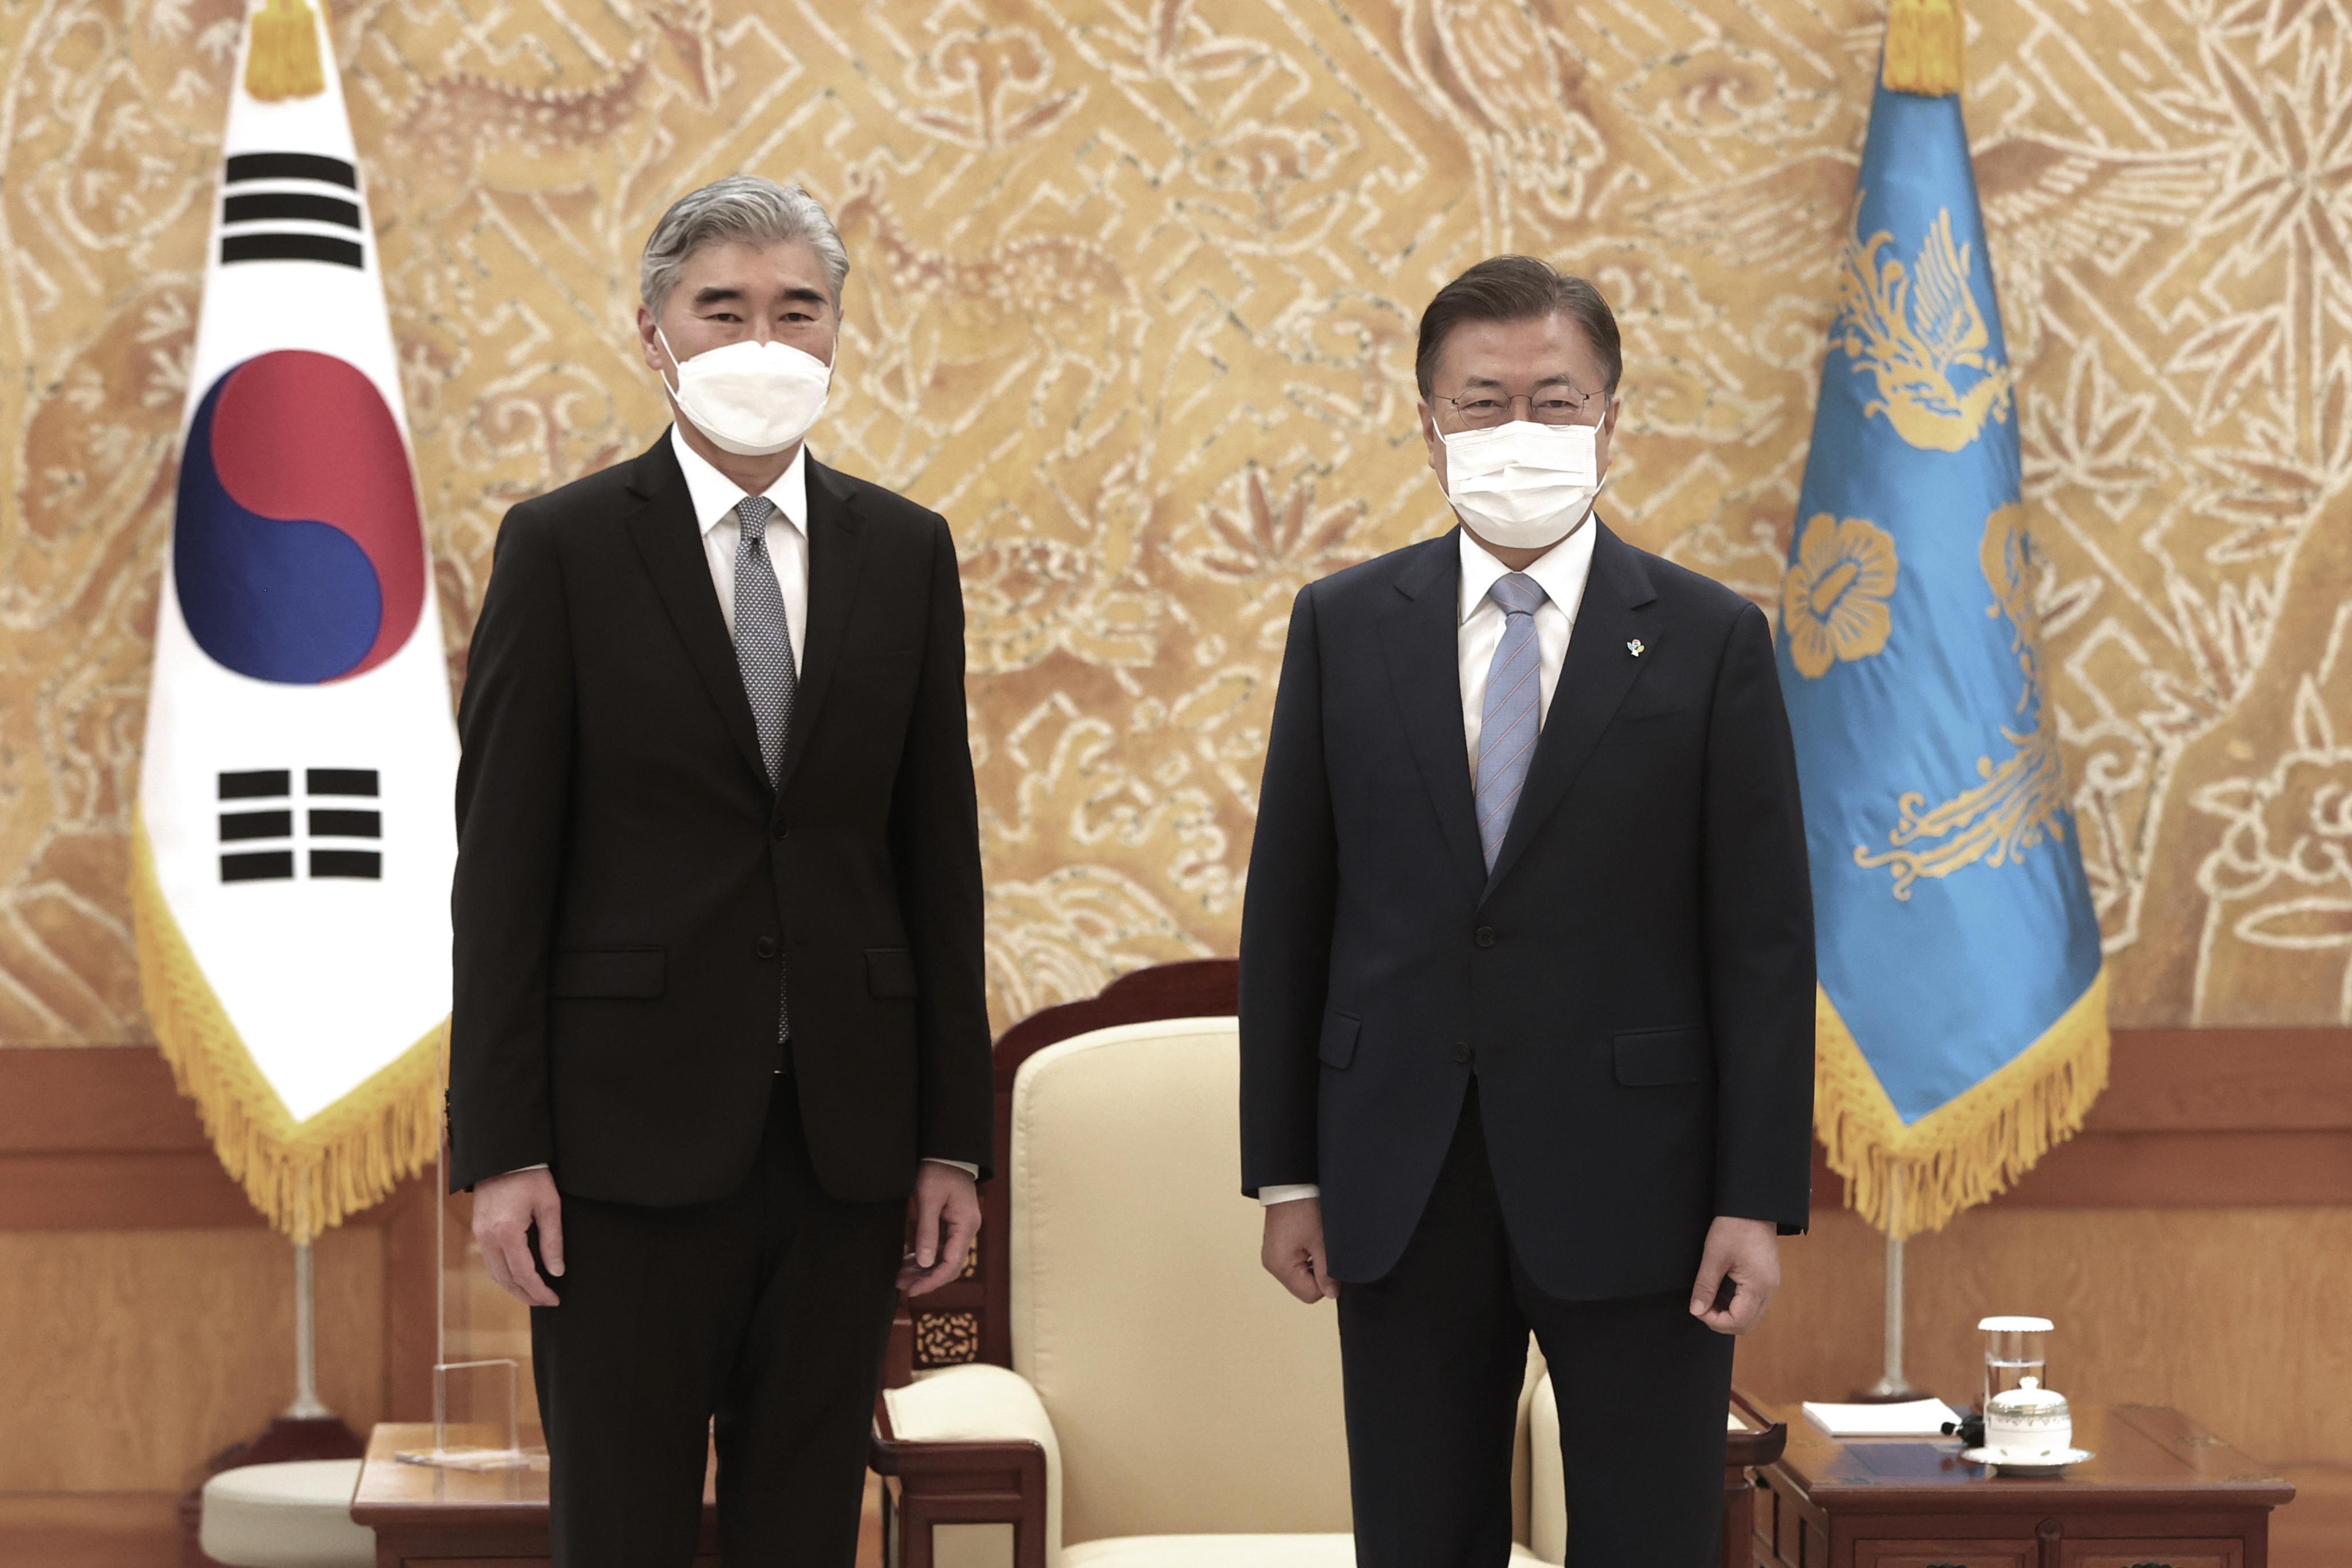 ▲▼南韓總統文在寅22日在青瓦台接見美國對北韓特別代表金星。(圖/達志影像/美聯社)